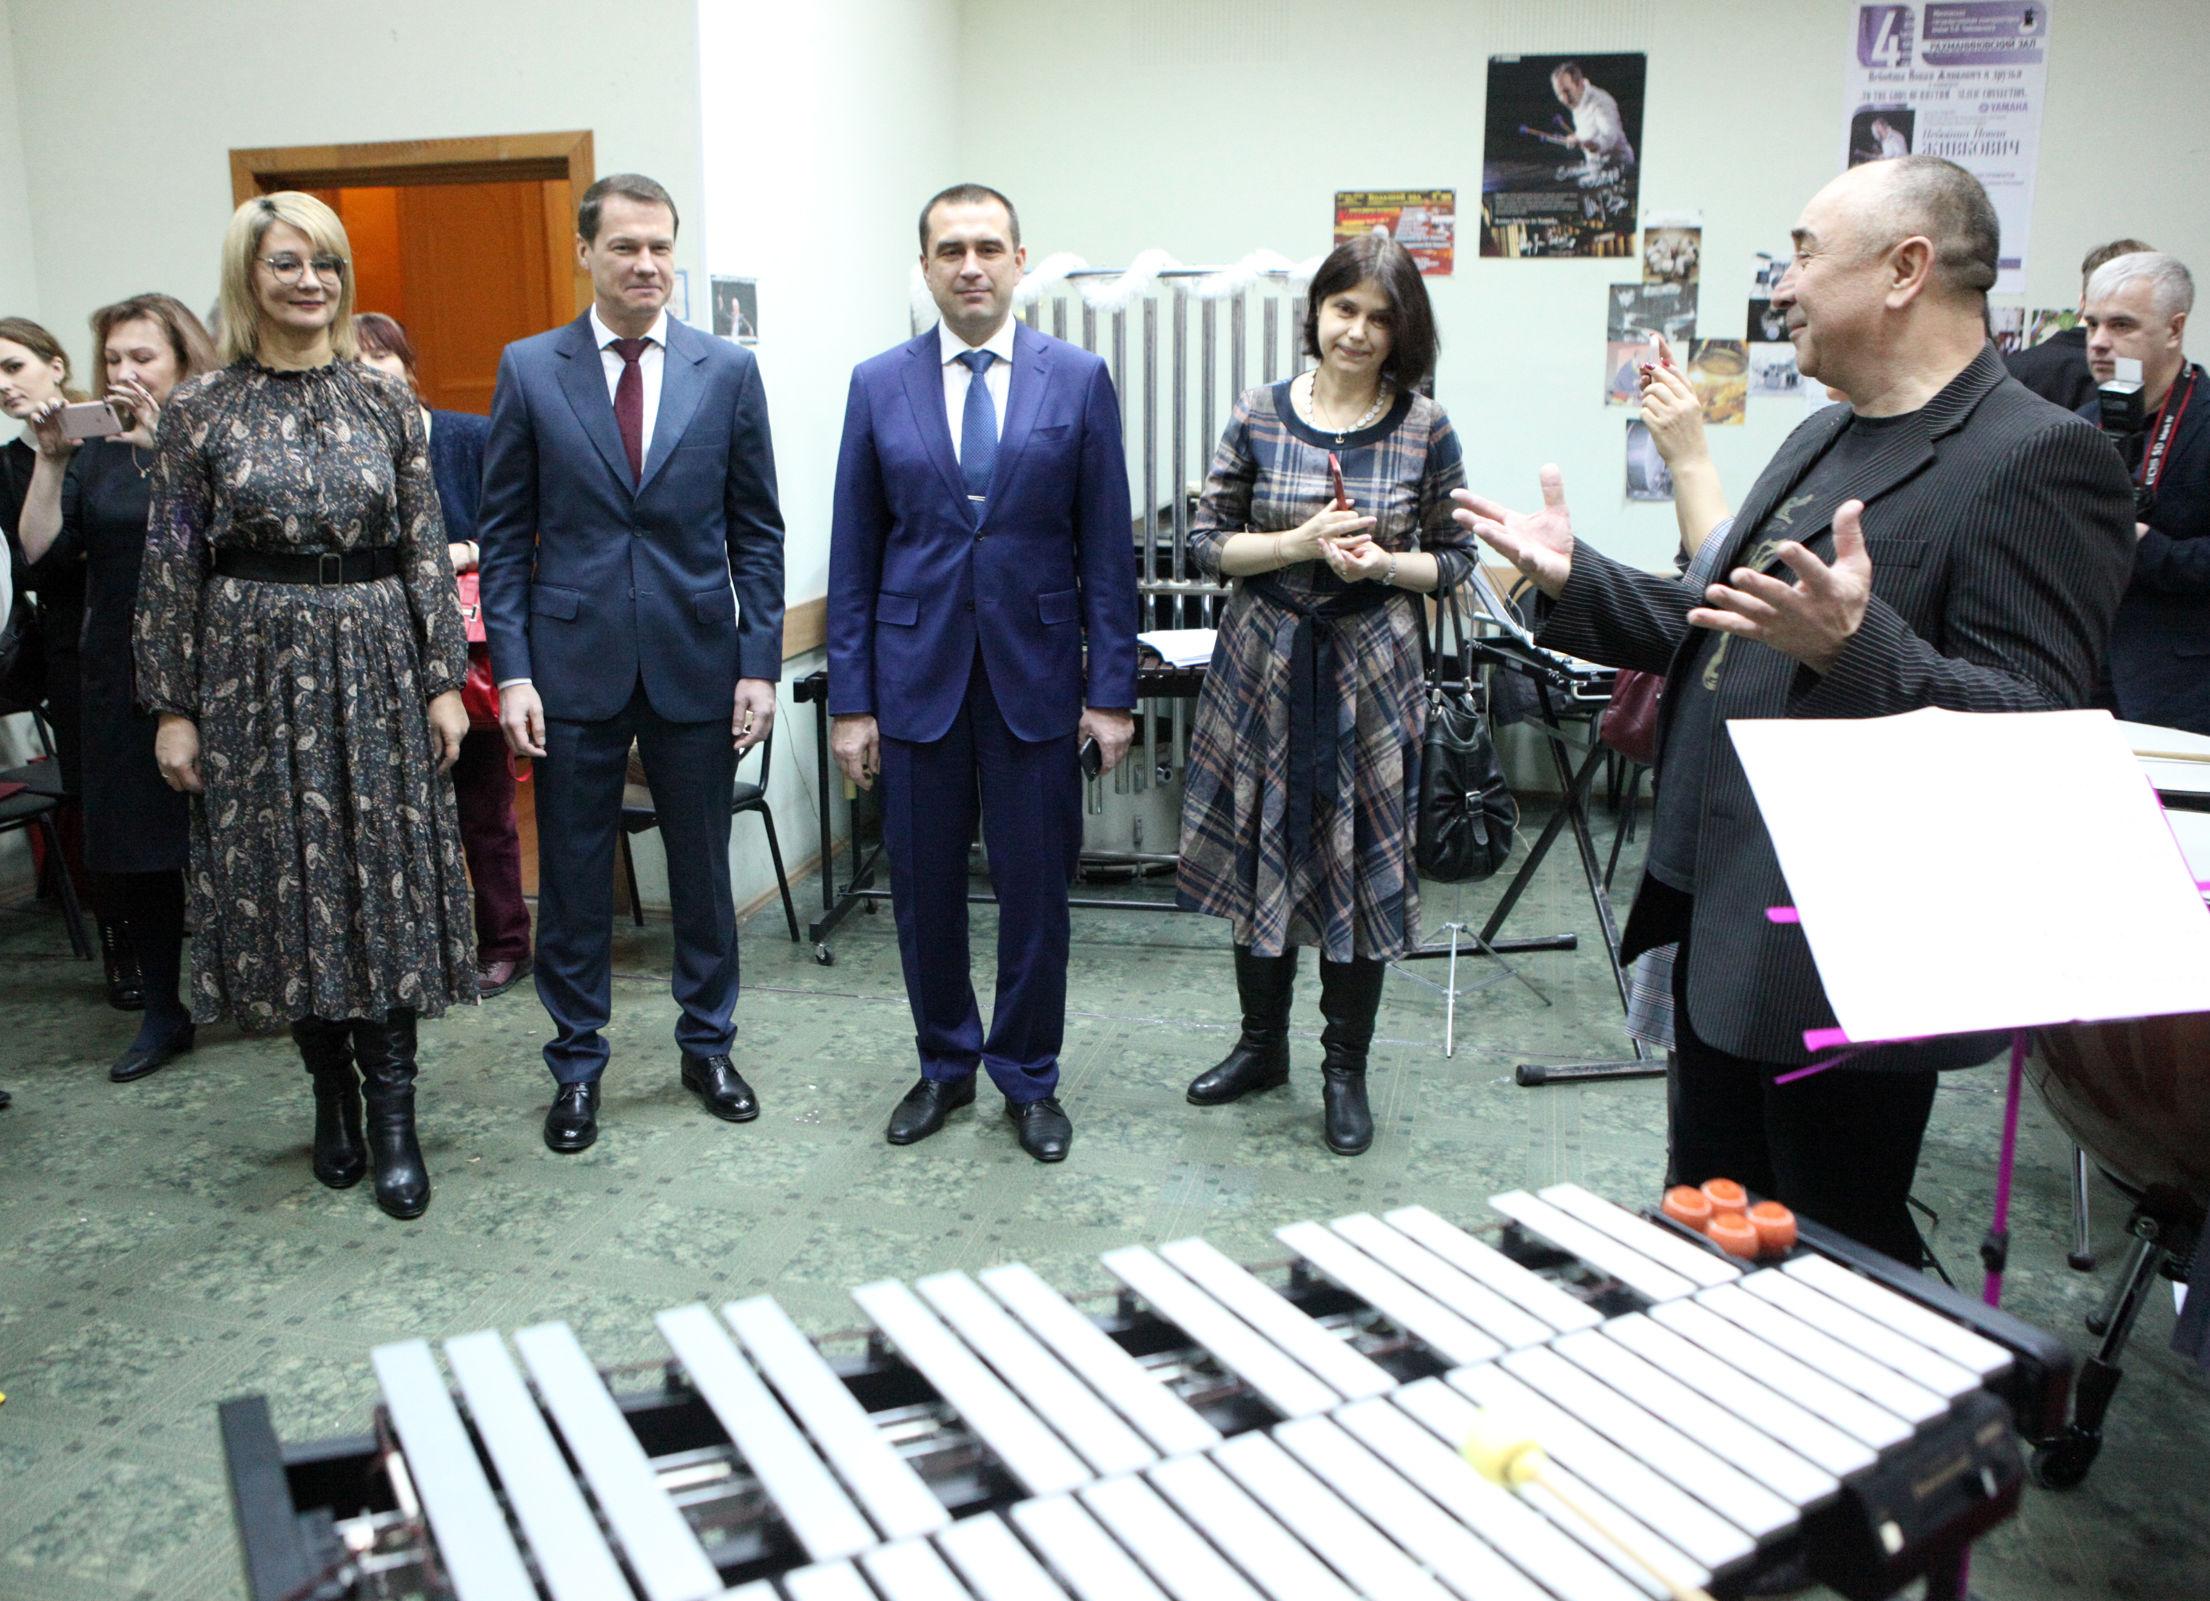 Ярославскому музыкальному училищу подарили новые инструменты и современное звуковое оборудование